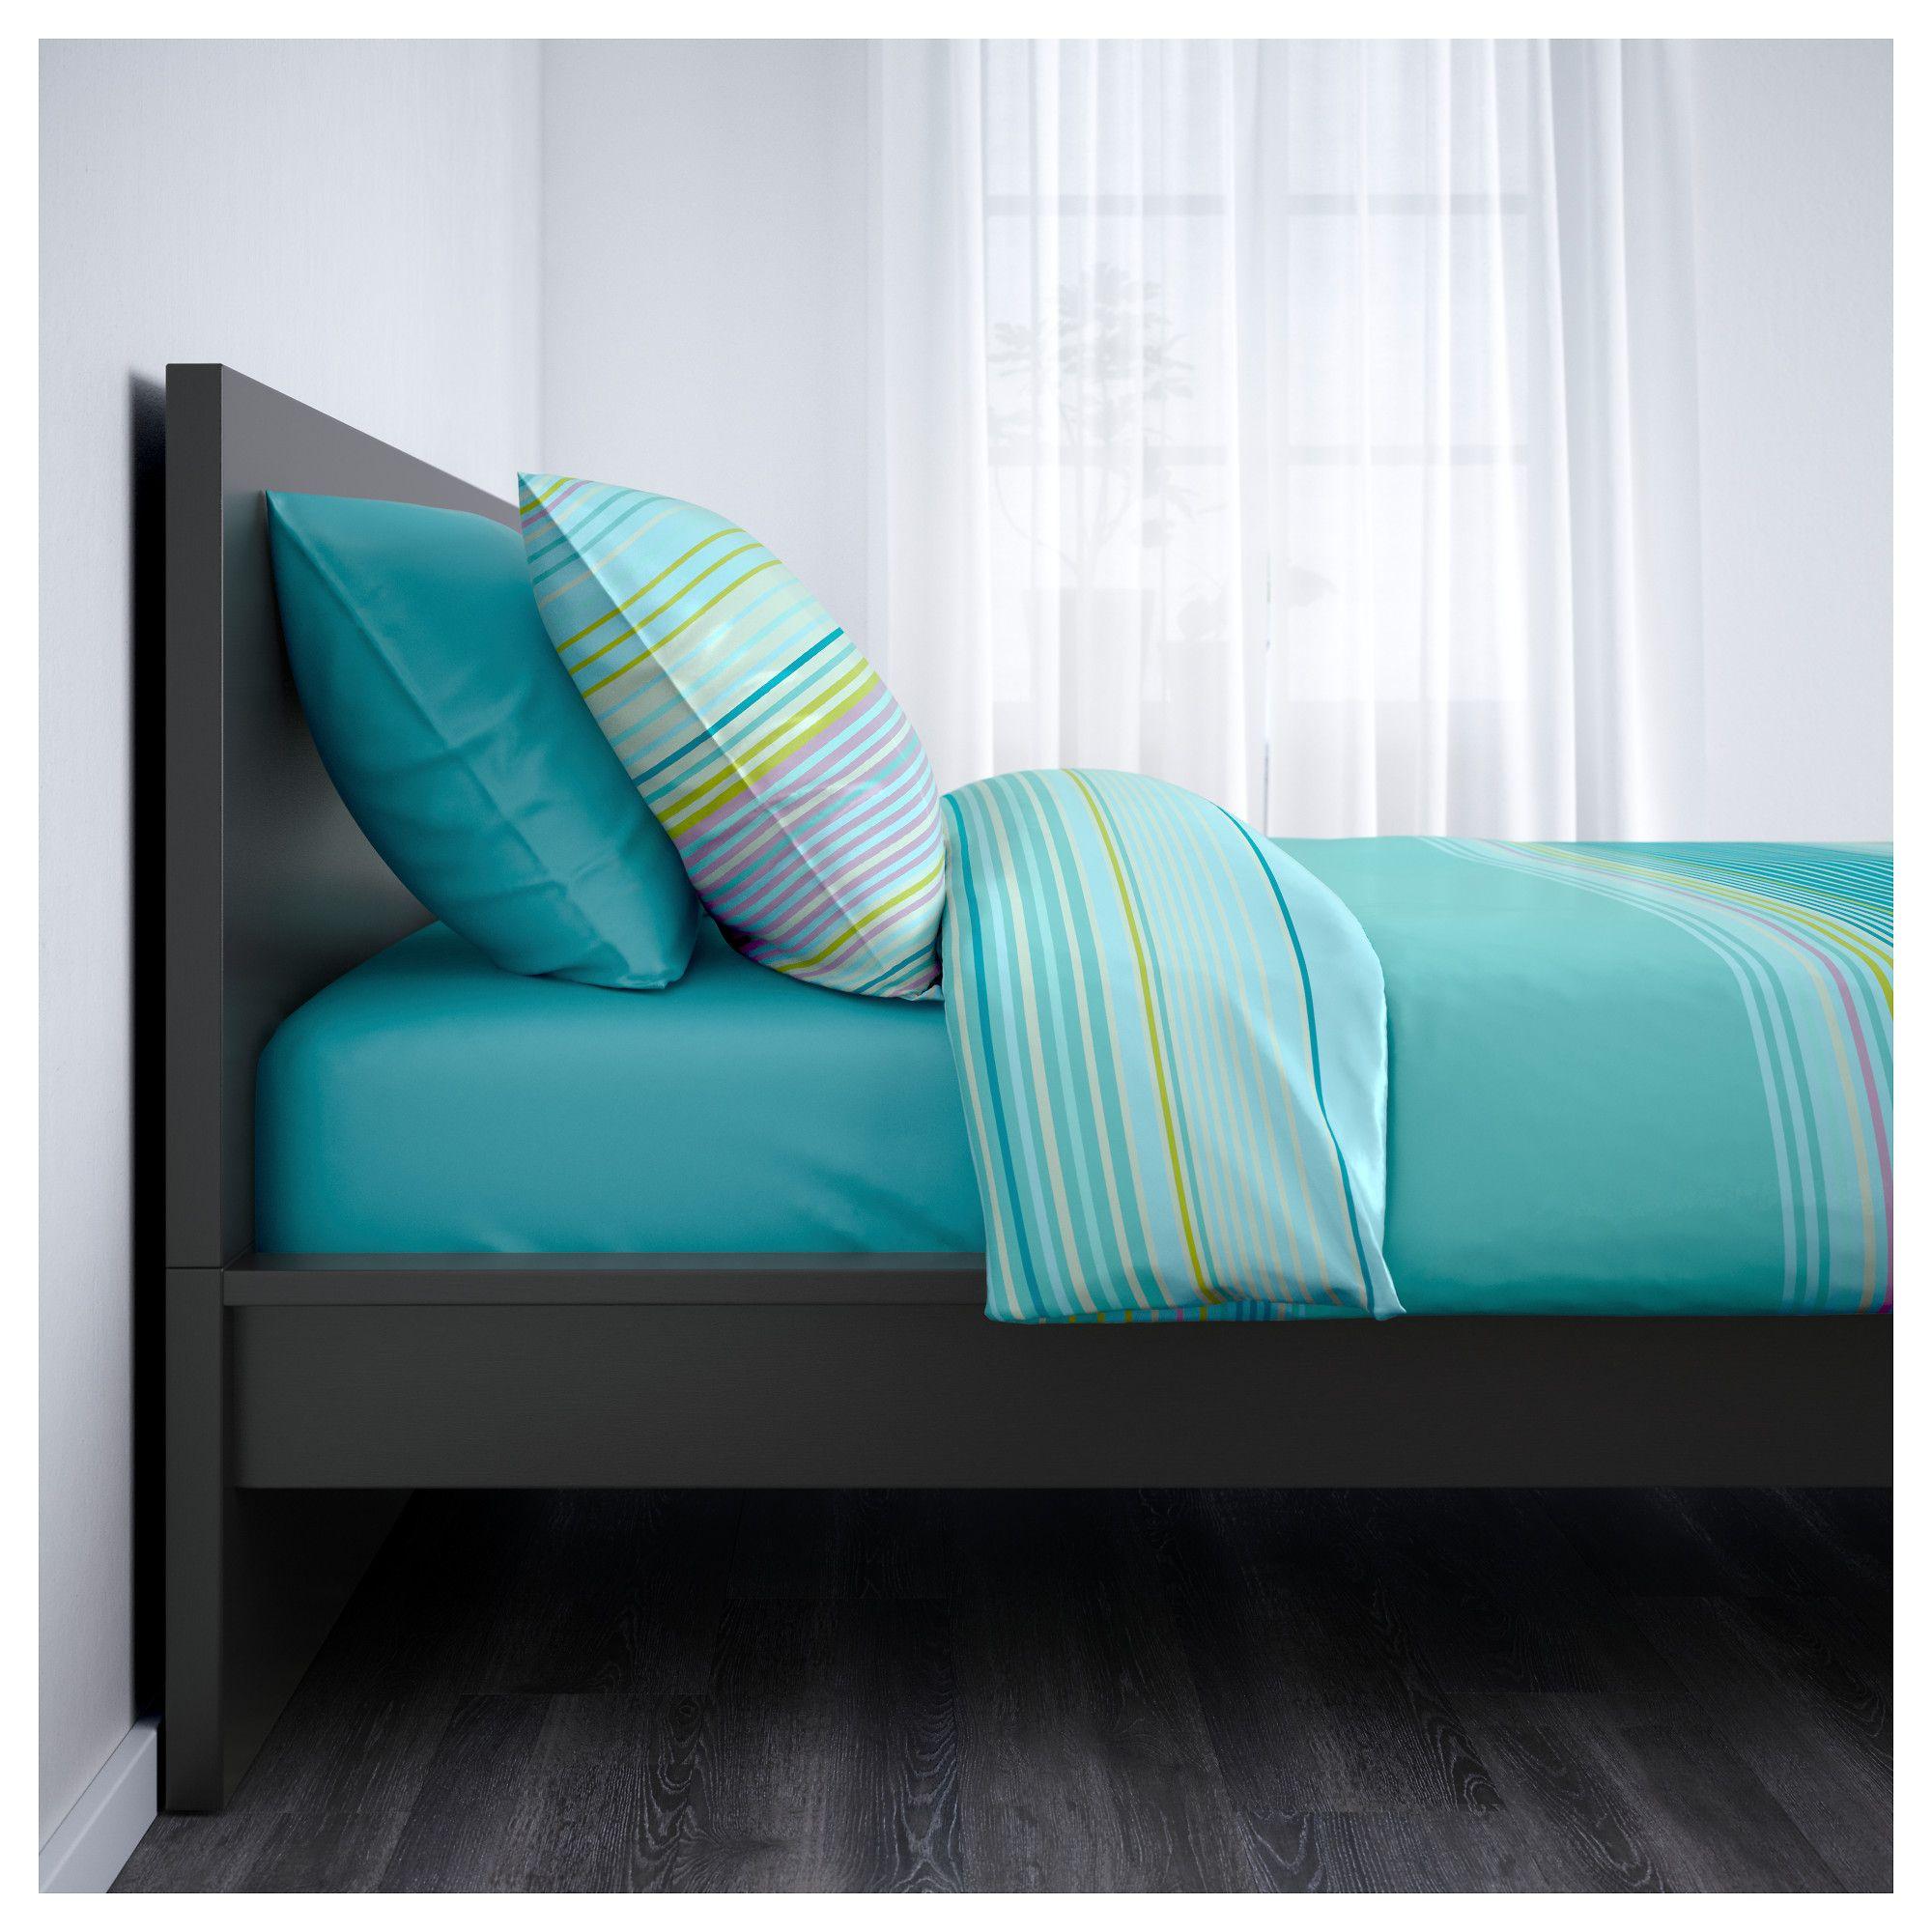 Malm Bed Frame High Black Brown Leirsund Aidan S Room